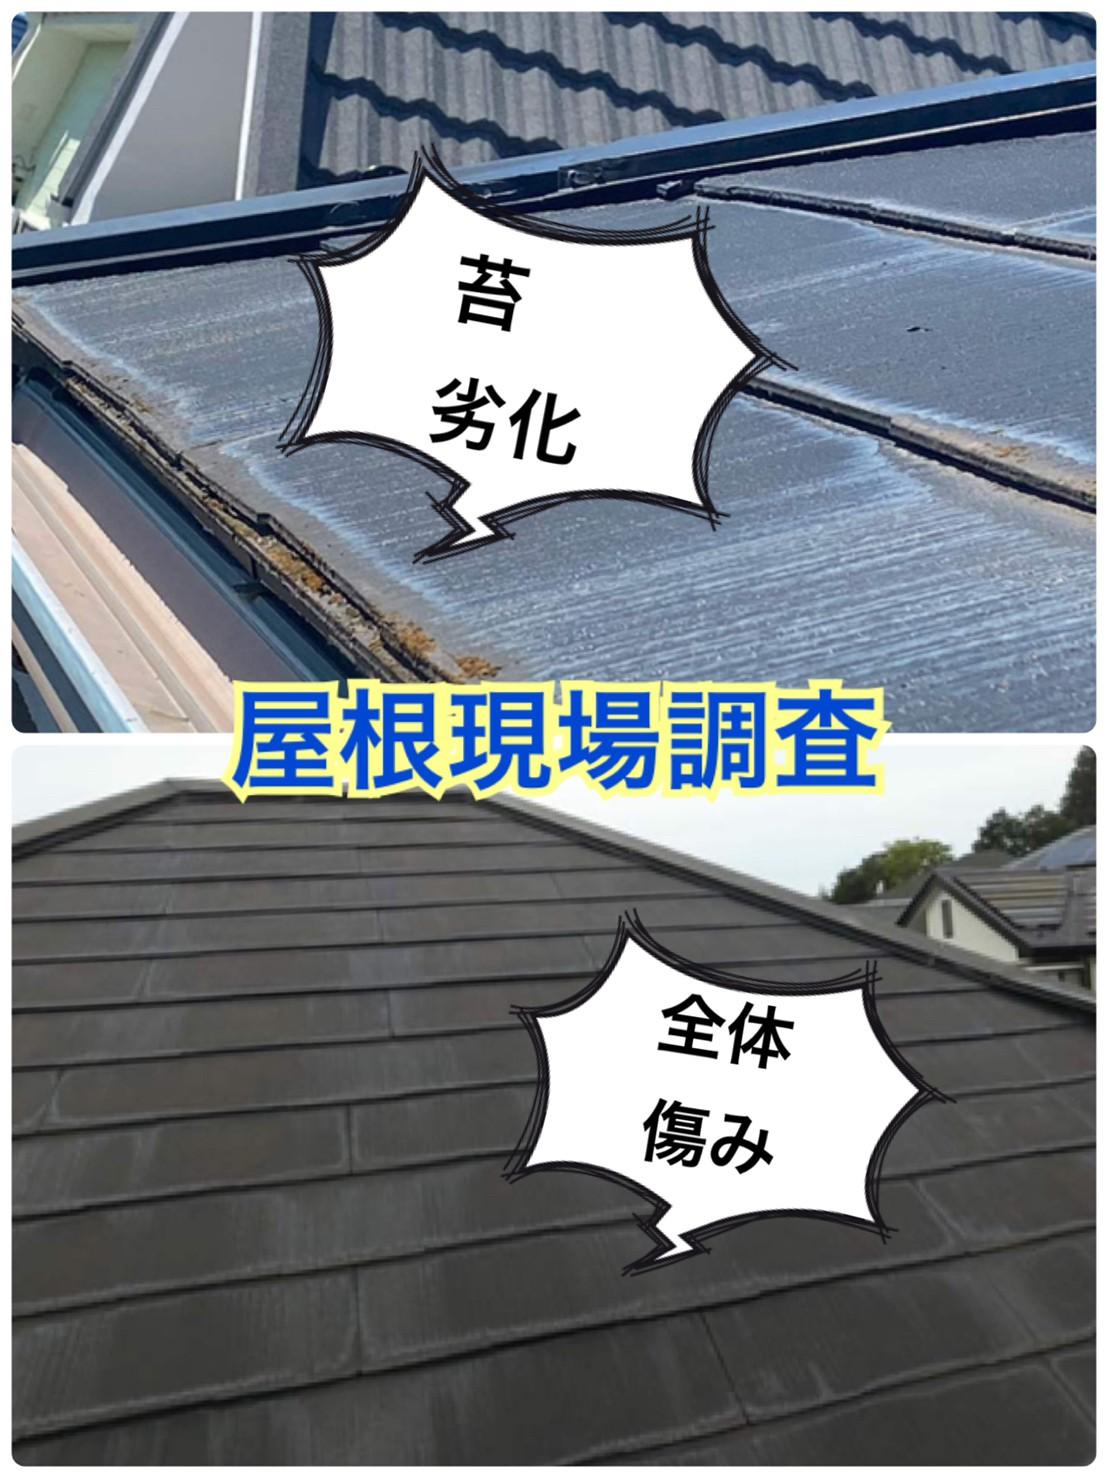 スレート屋根・現場調査🔎